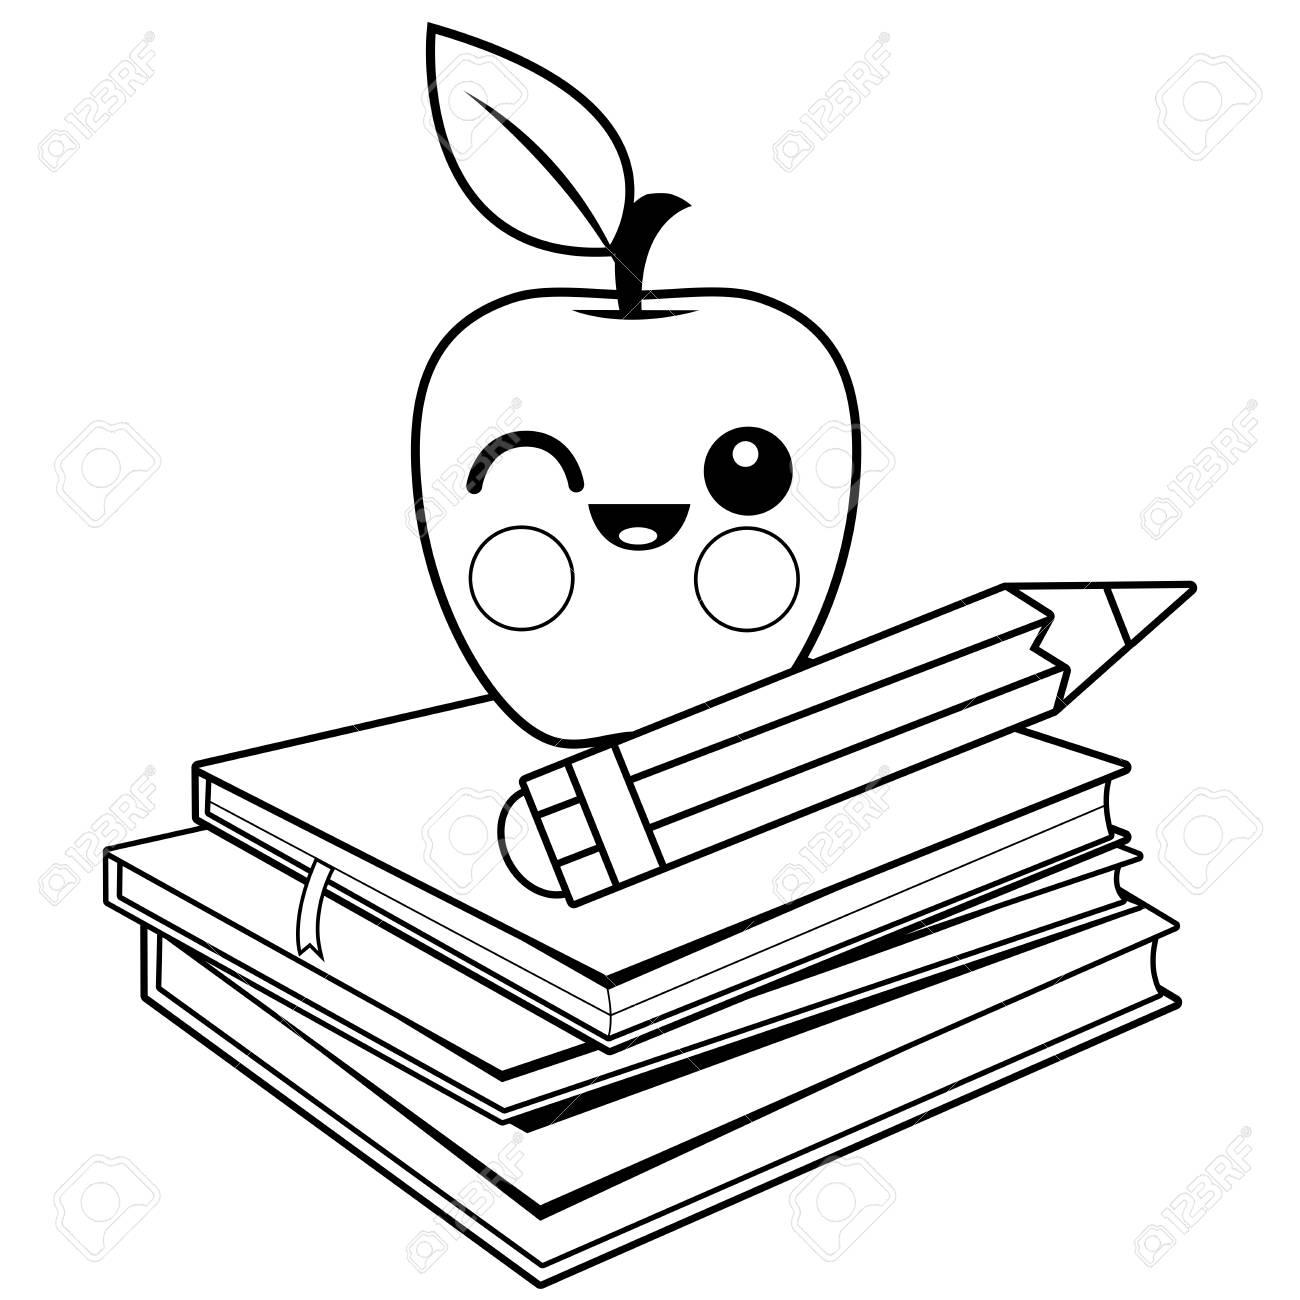 Manzana Libros Y Lapiz Página De Libro Para Colorear En Blanco Y Negro Ilustraciones Vectoriales Clip Art Vectorizado Libre De Derechos Image 91103948